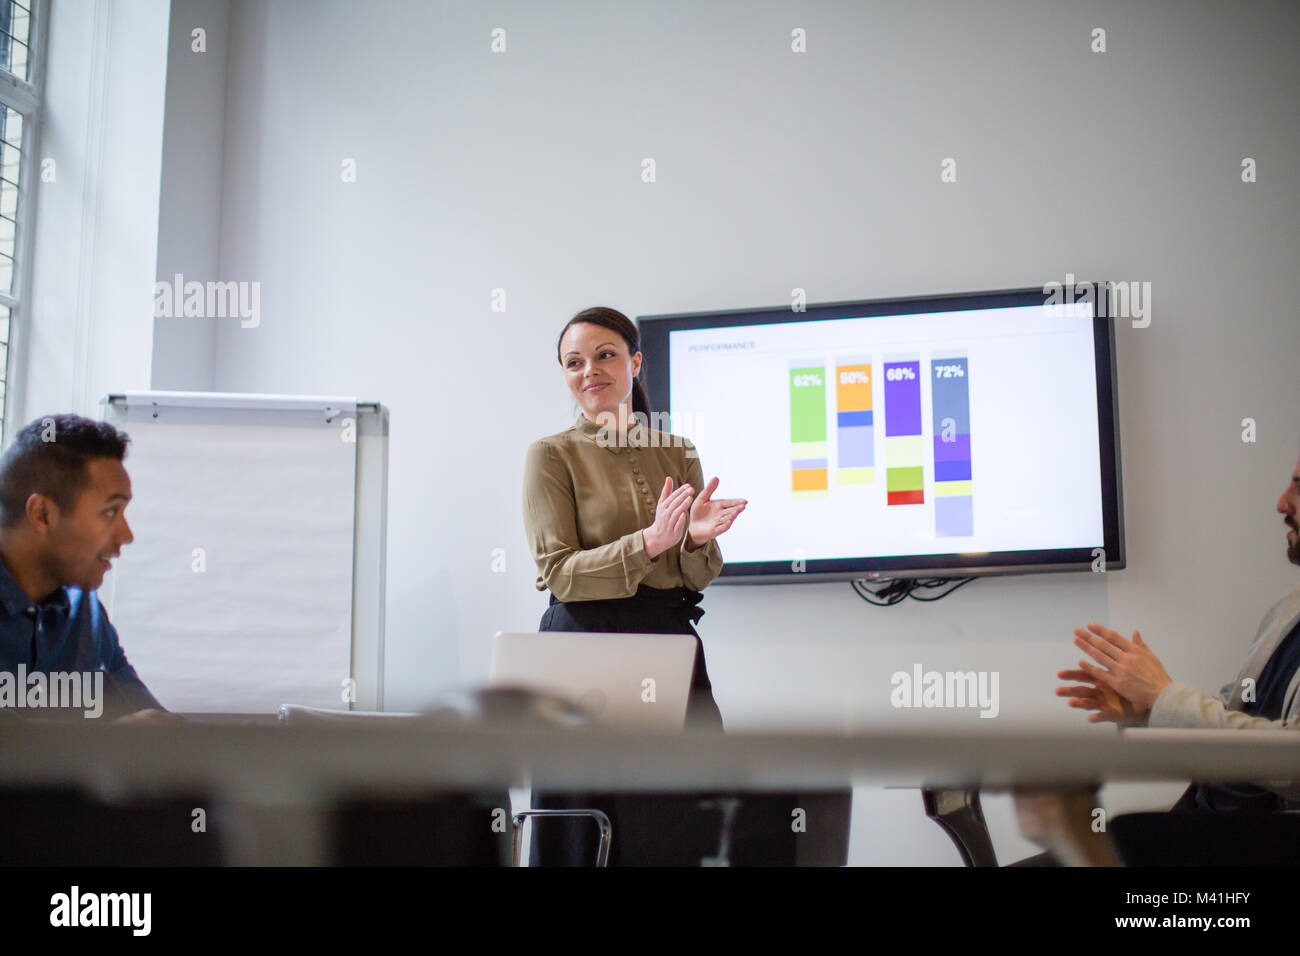 Ejecutivo de negocios femenina aplaudiendo el rendimiento del equipo. Imagen De Stock